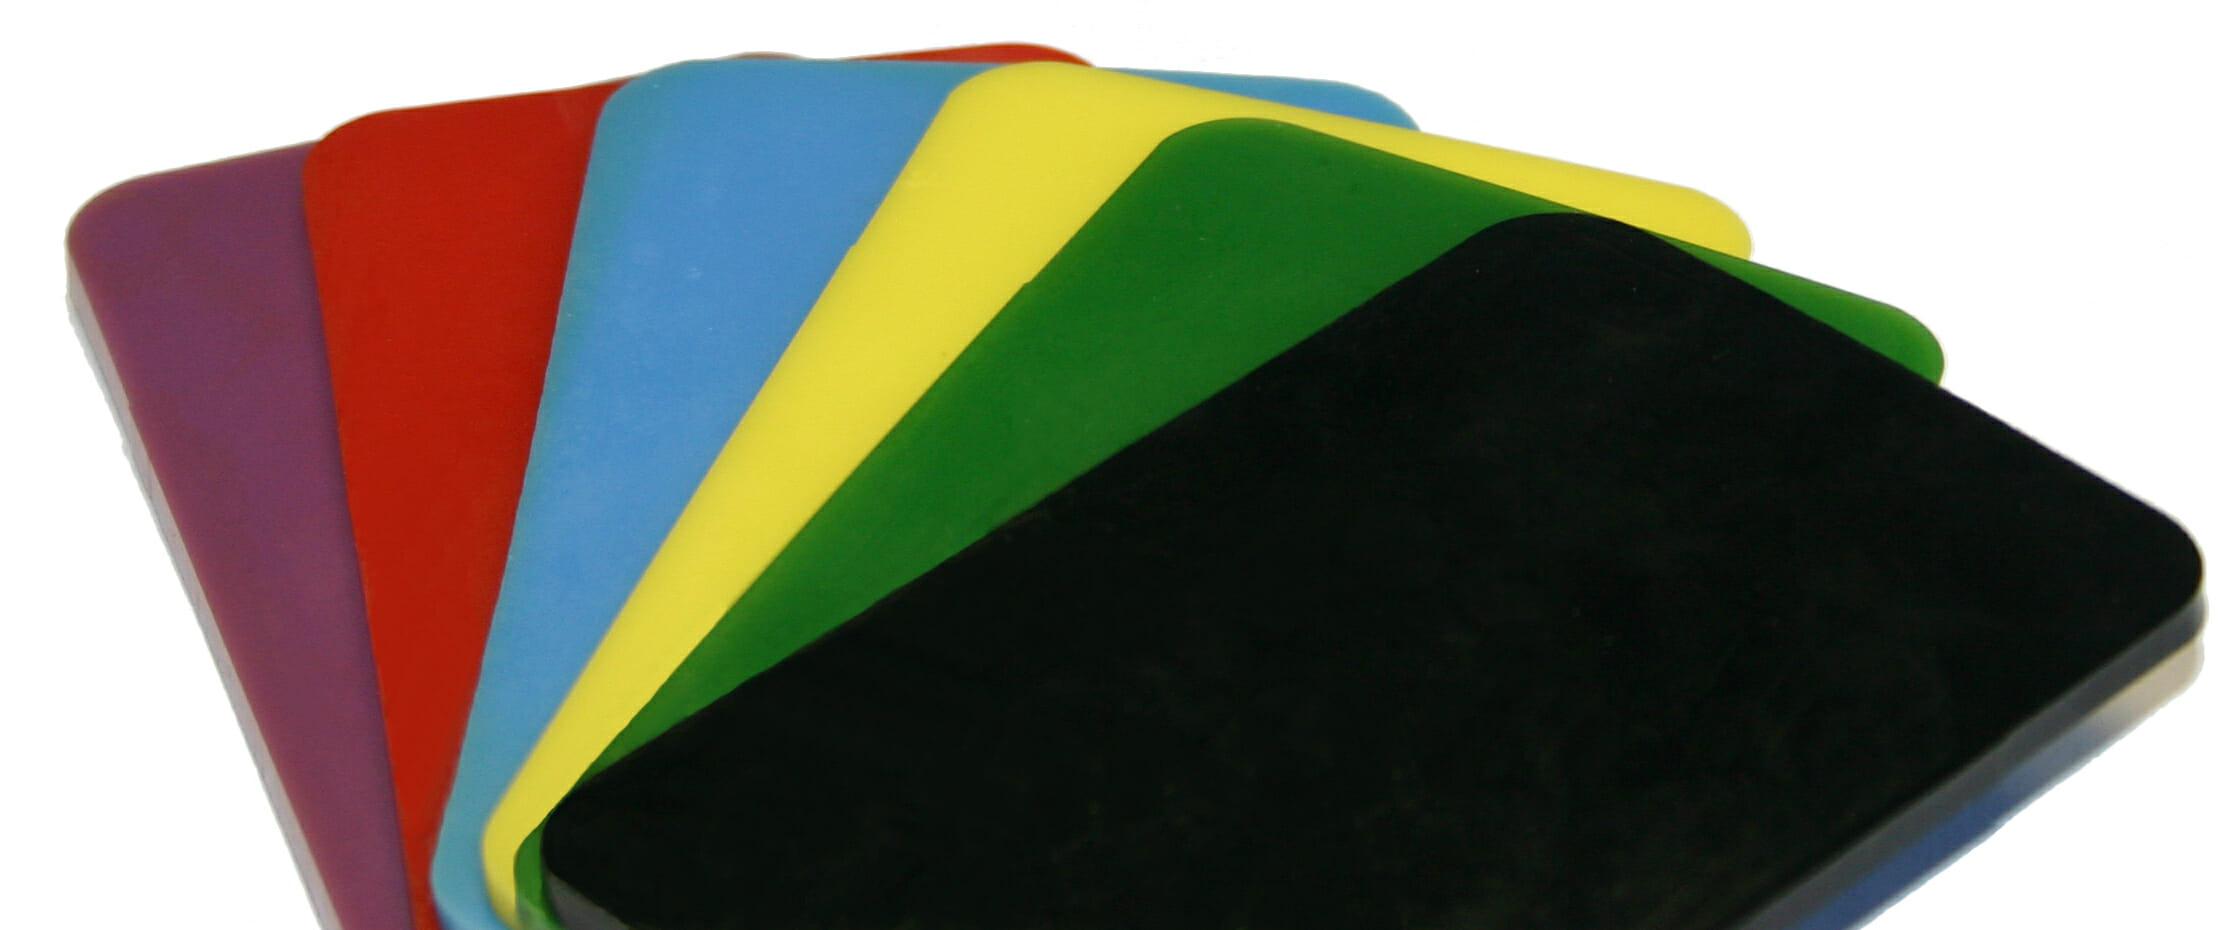 Polyurethane Sheet Camthorne Industrial Supplies